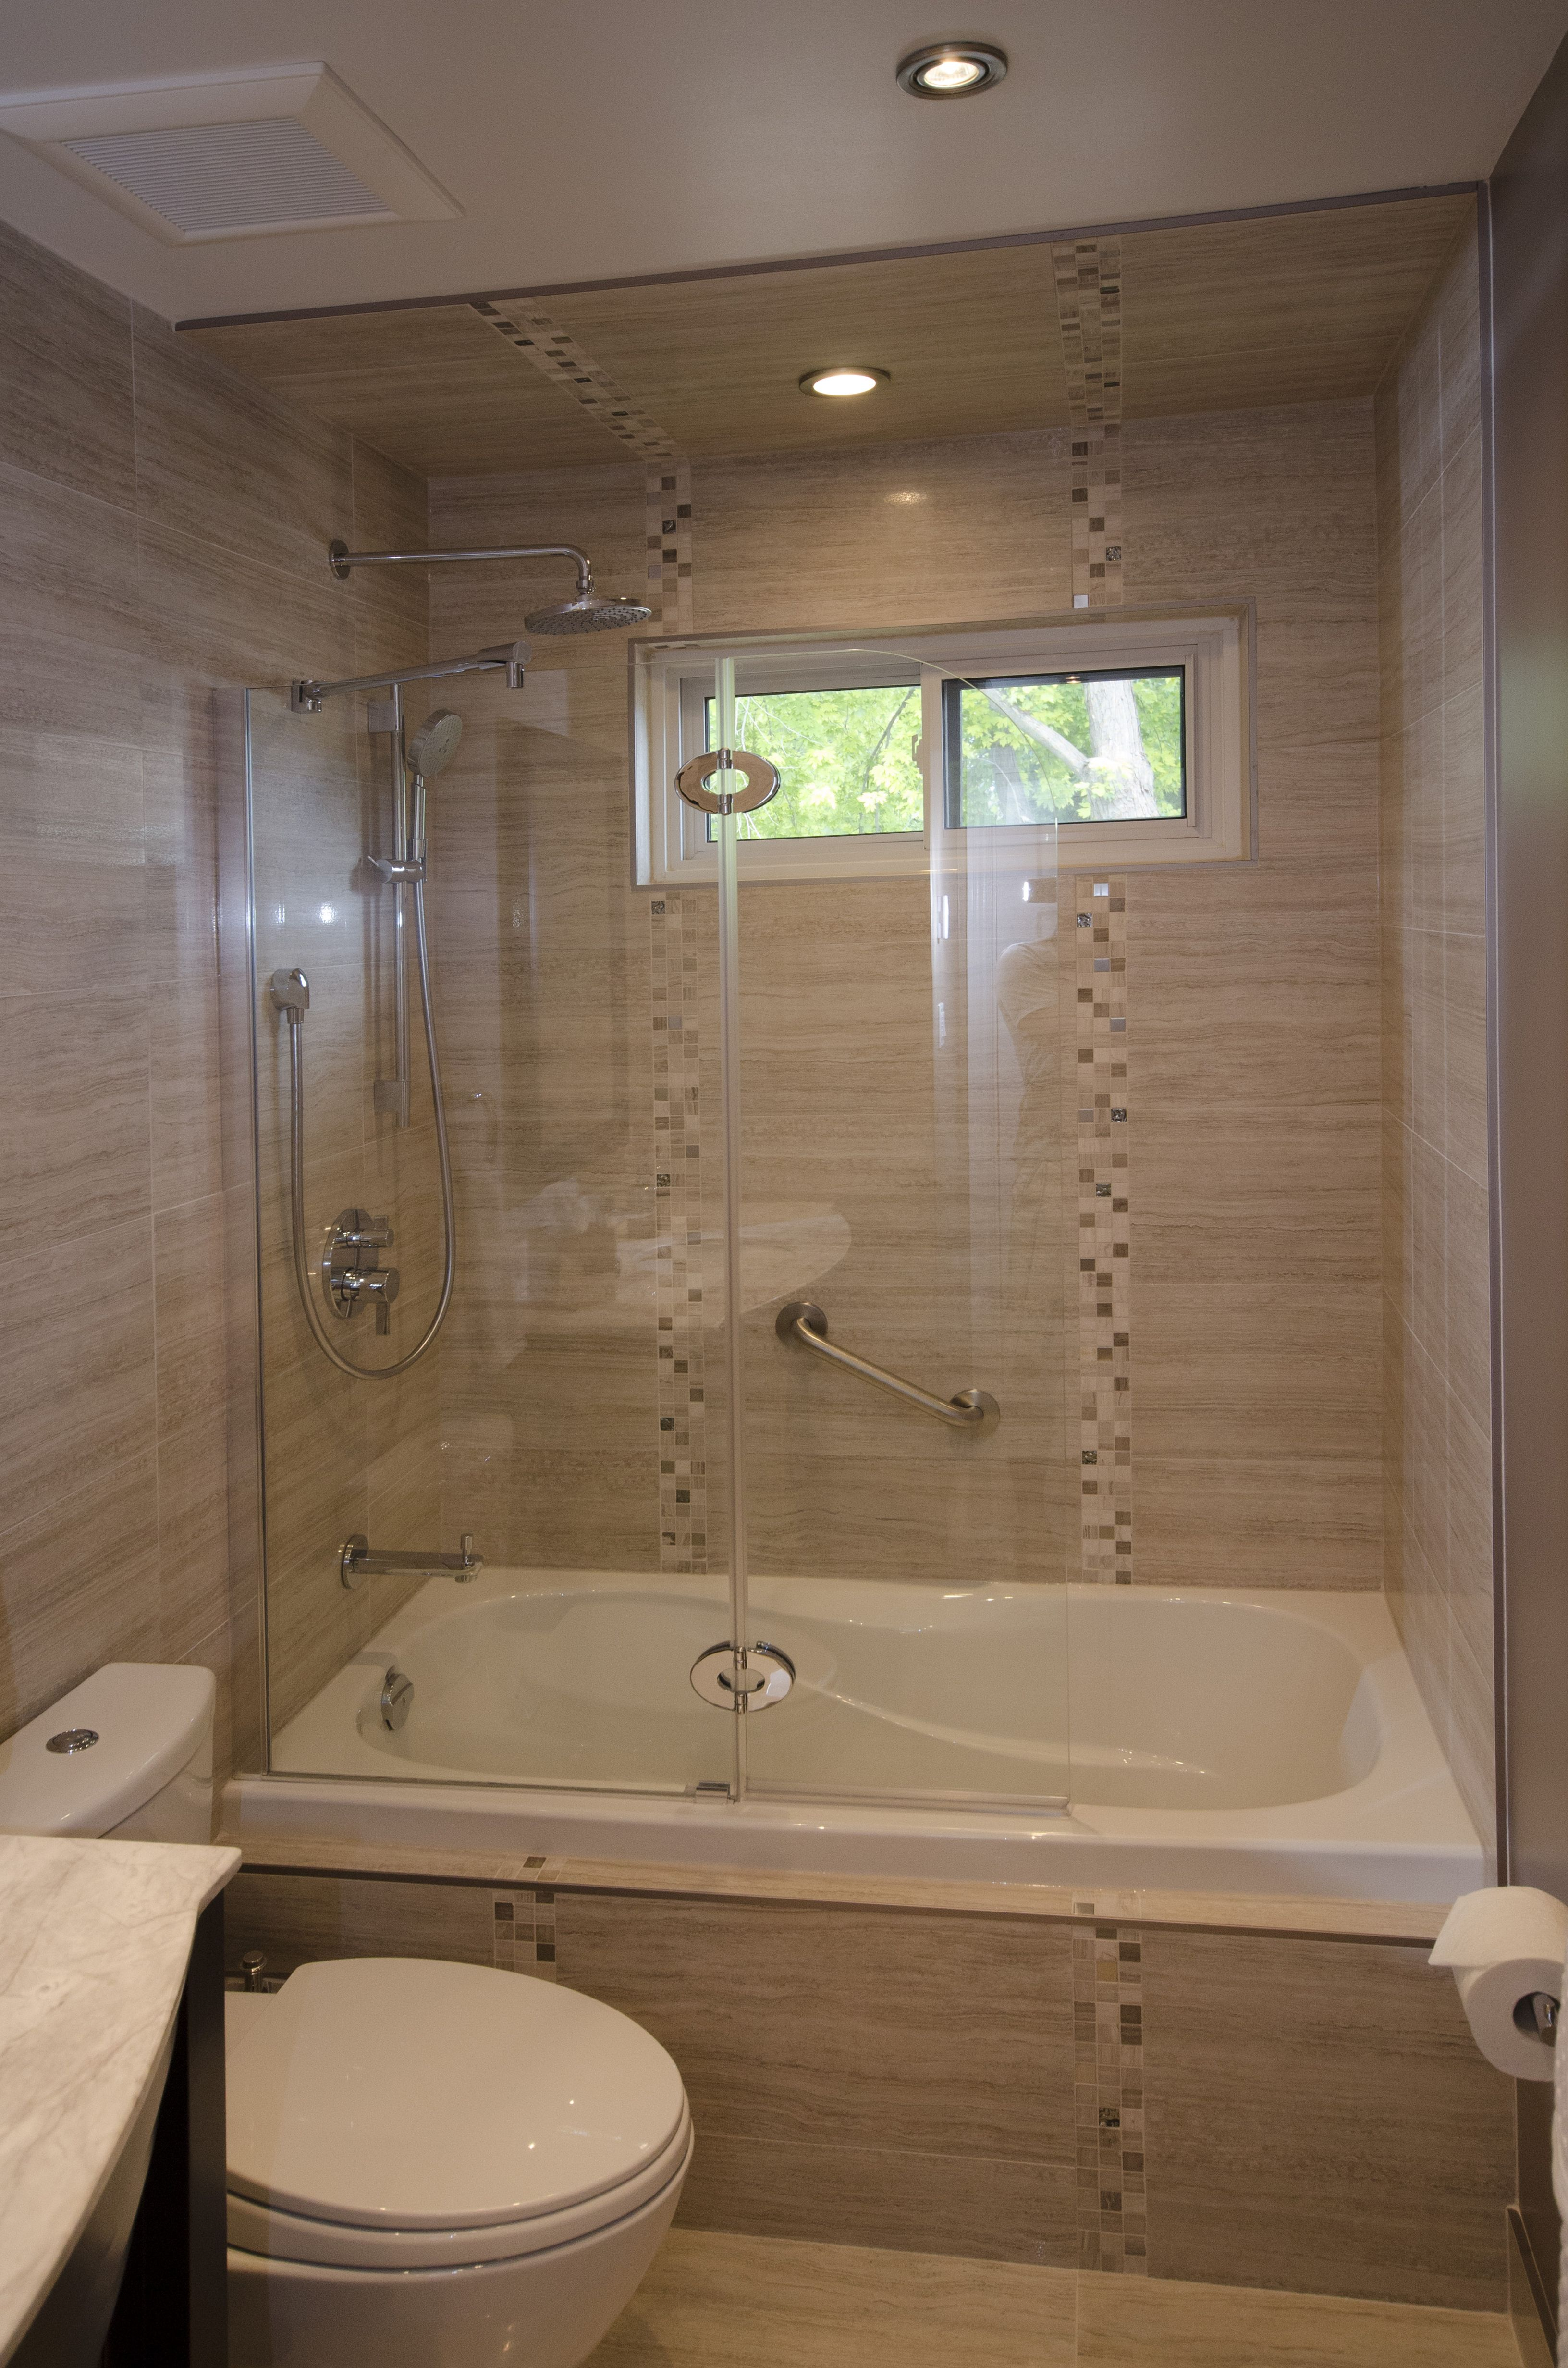 Tub Enclosure With Tub Shield Bathroom Renovations Portfolio Pinterest Tub Enclosures